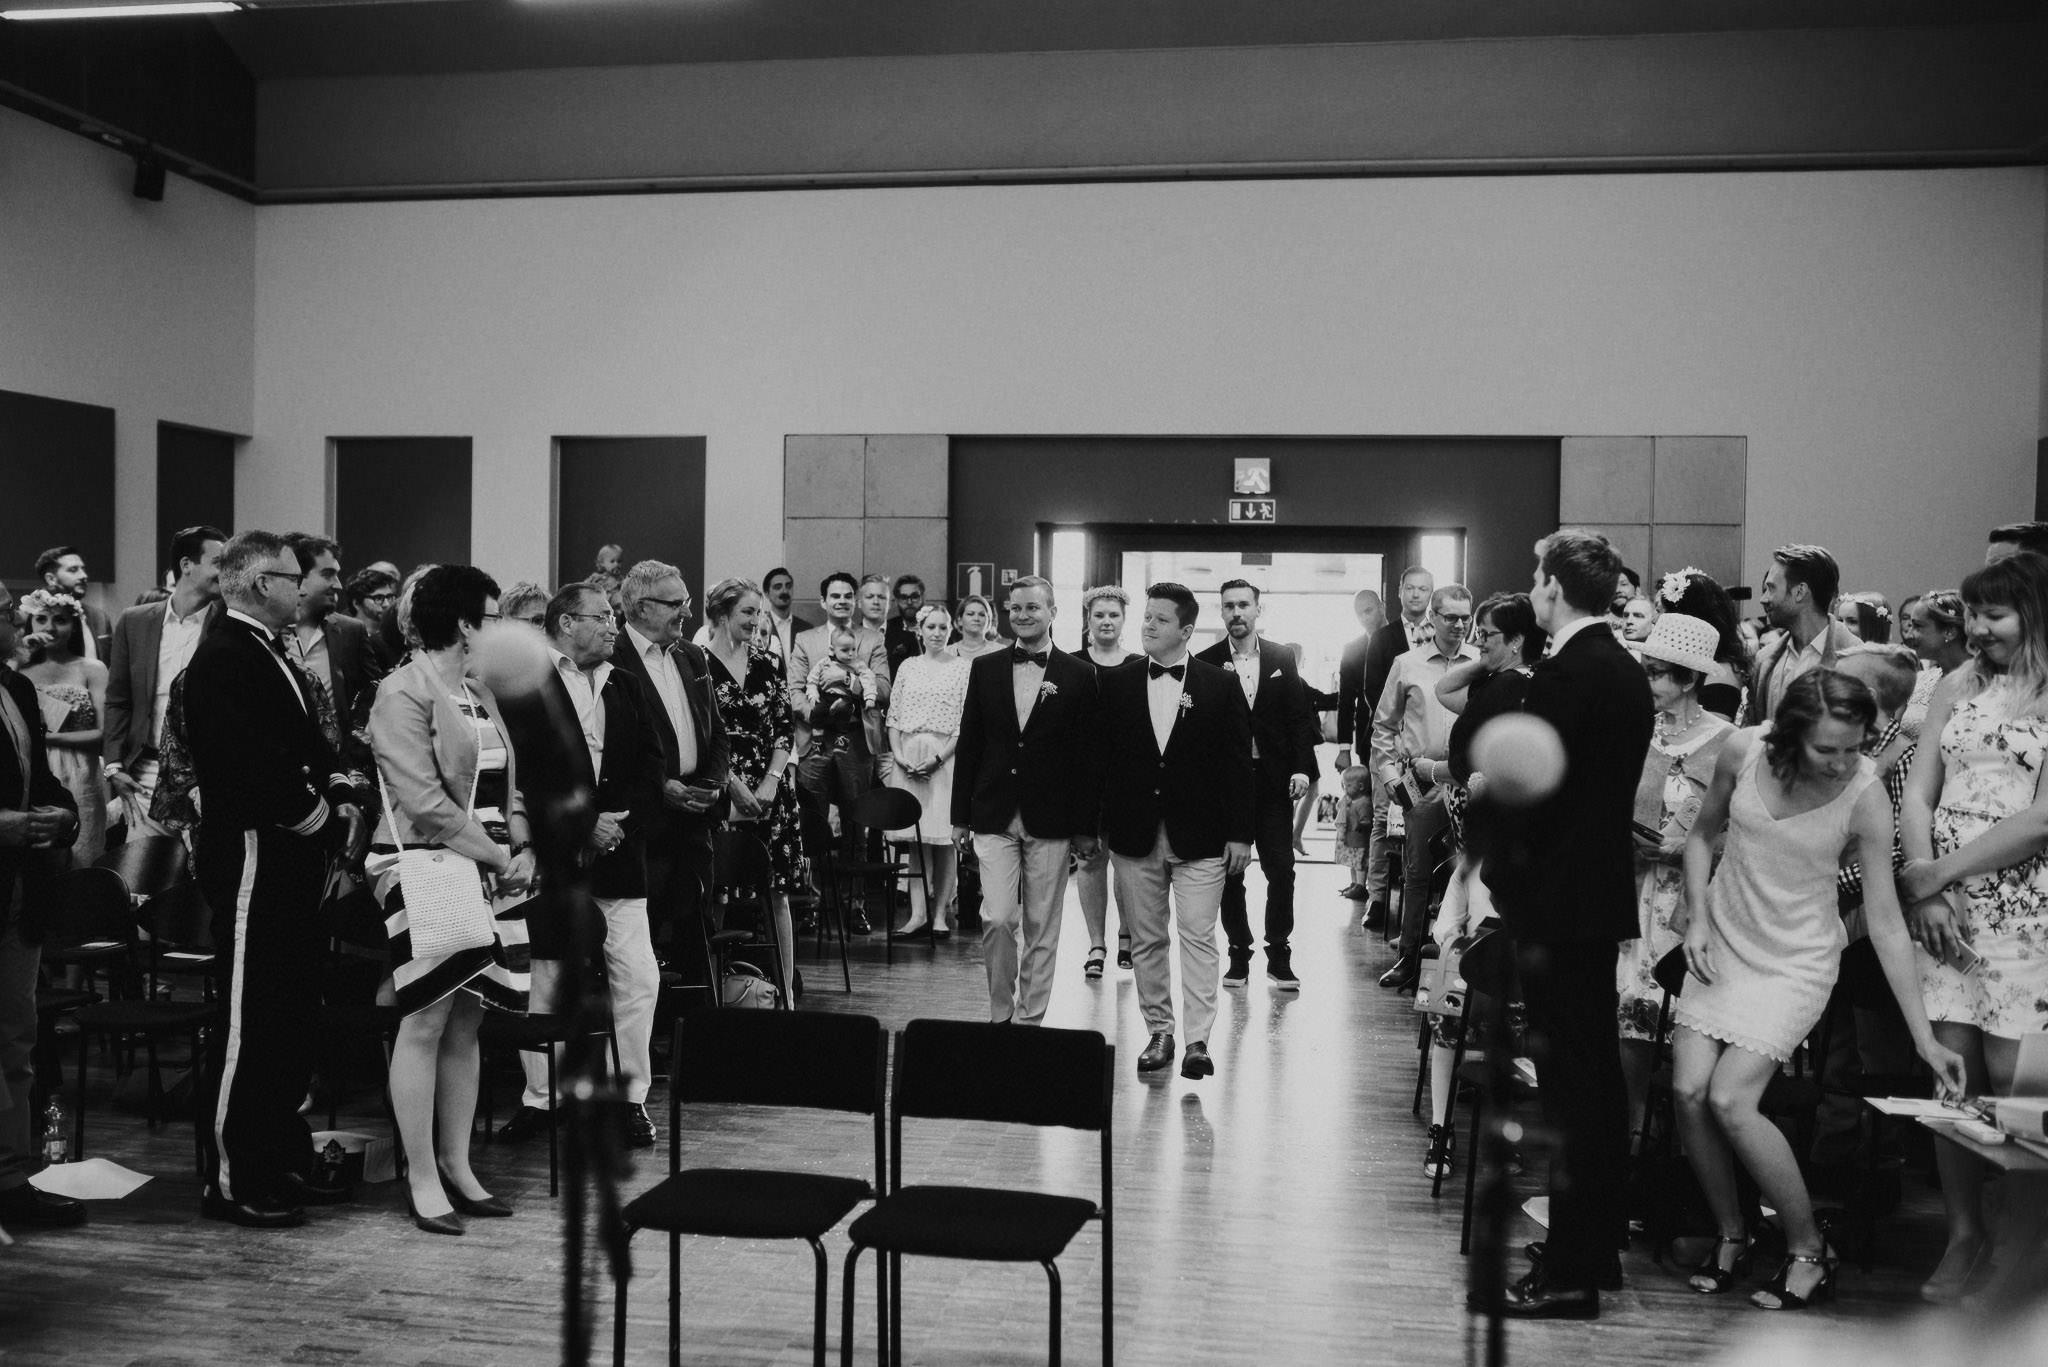 jere-satamo-ruissalo-haat-samesex-wedding-valokuvaaja-turku-008web.jpg